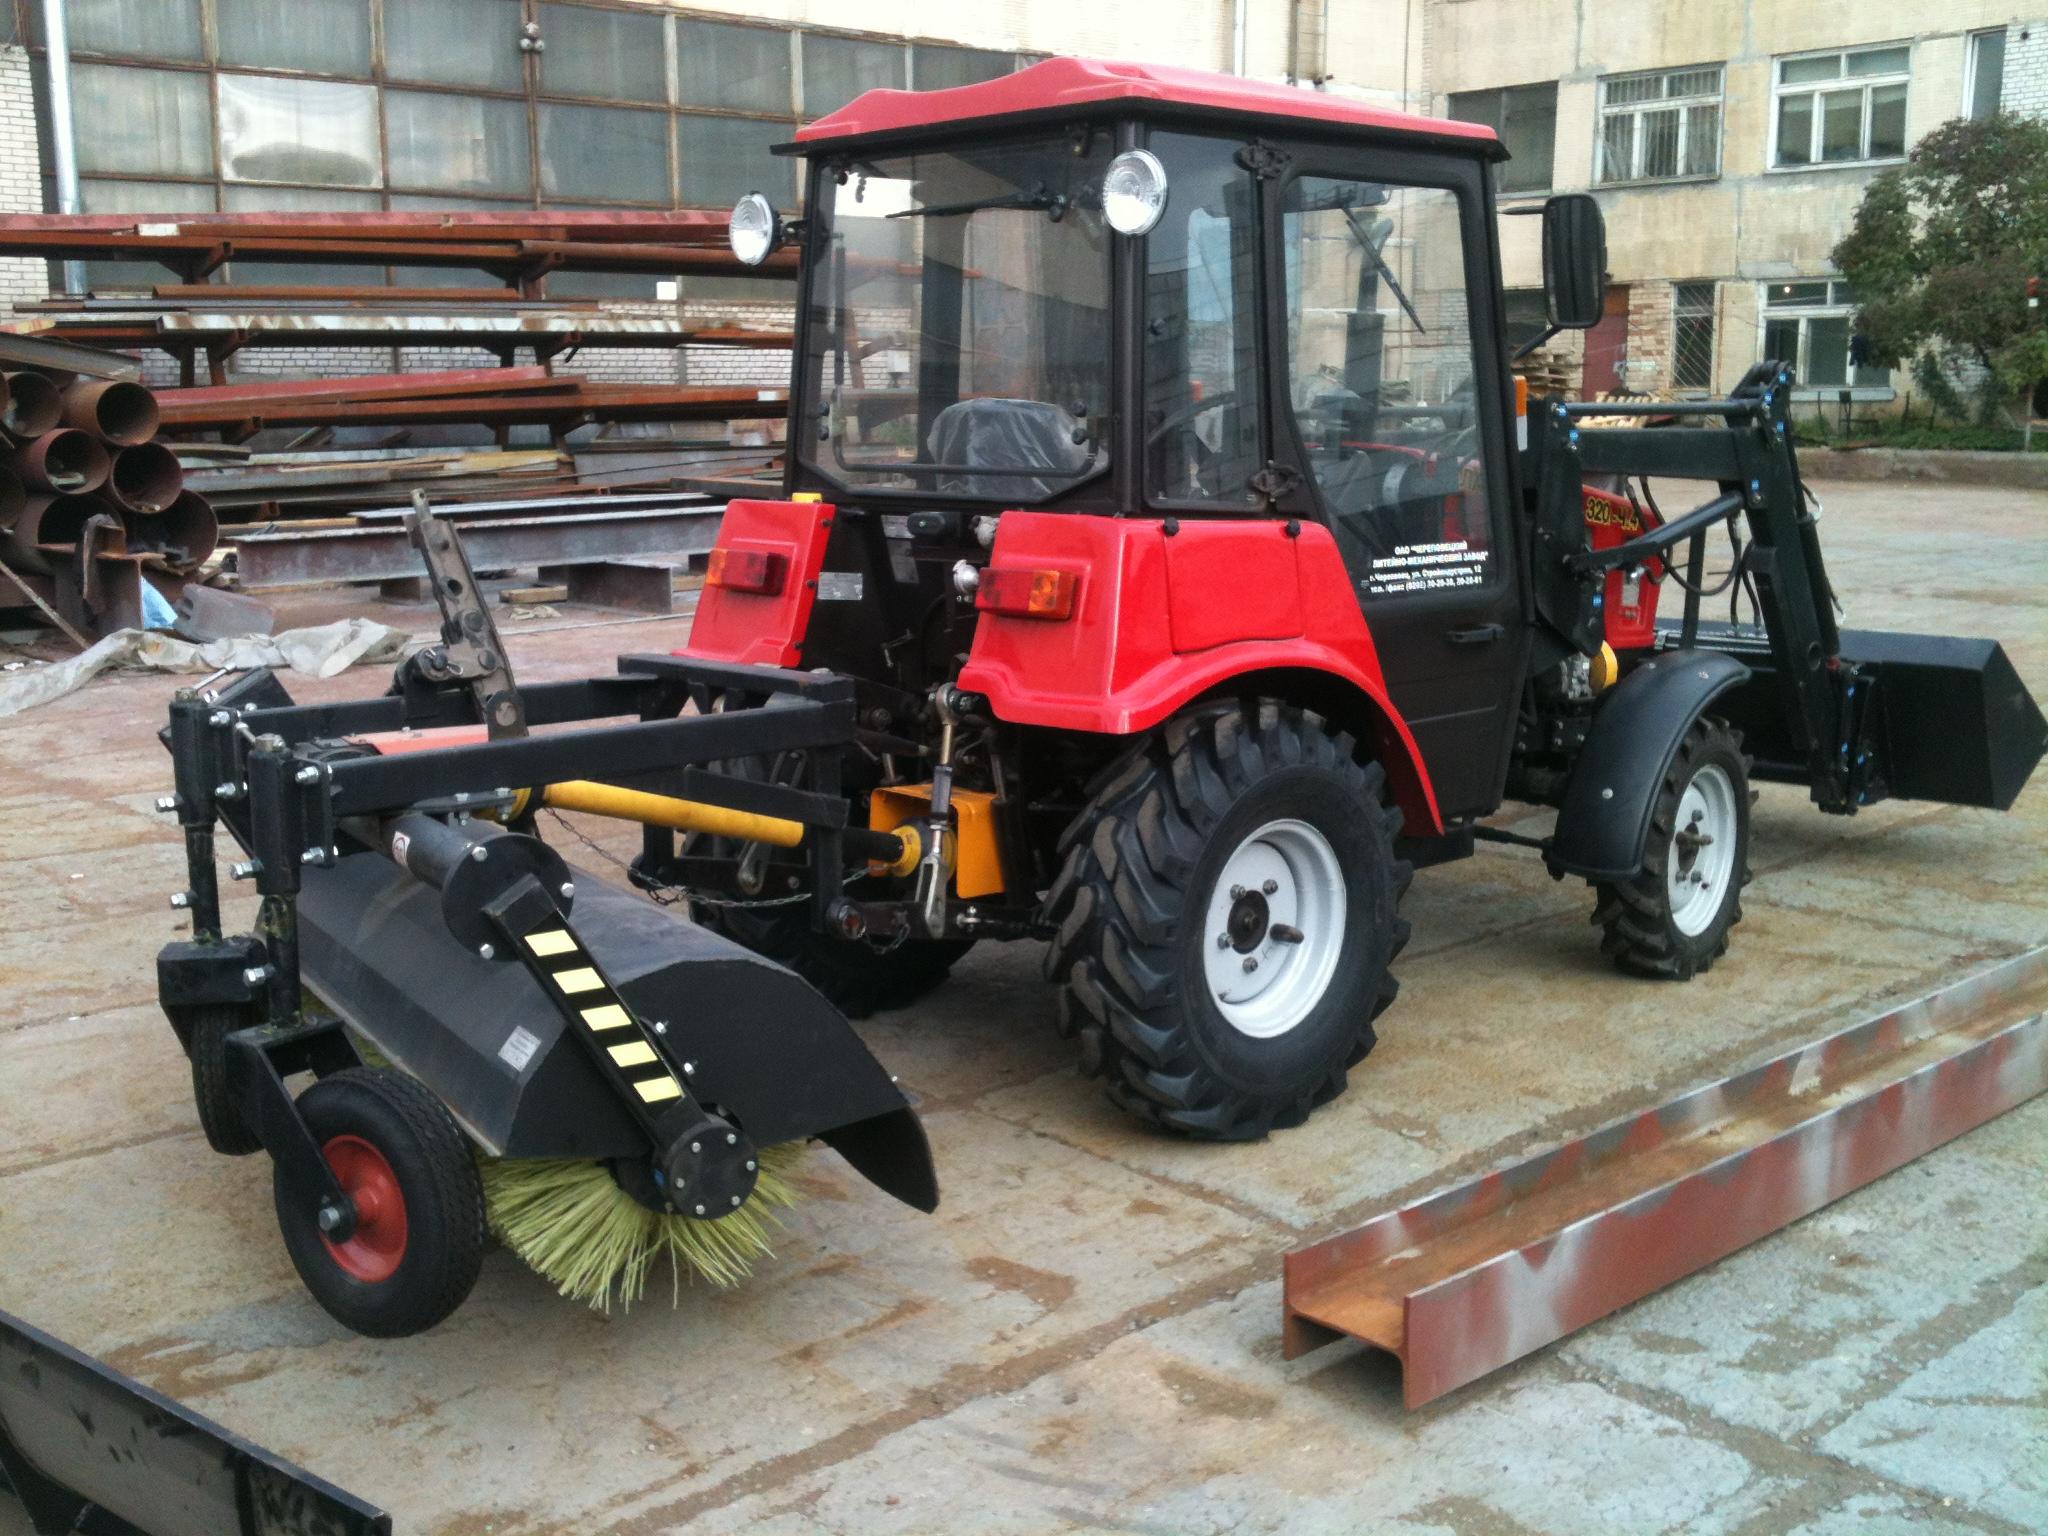 Аренда спецтехники: трактор трактору рознь